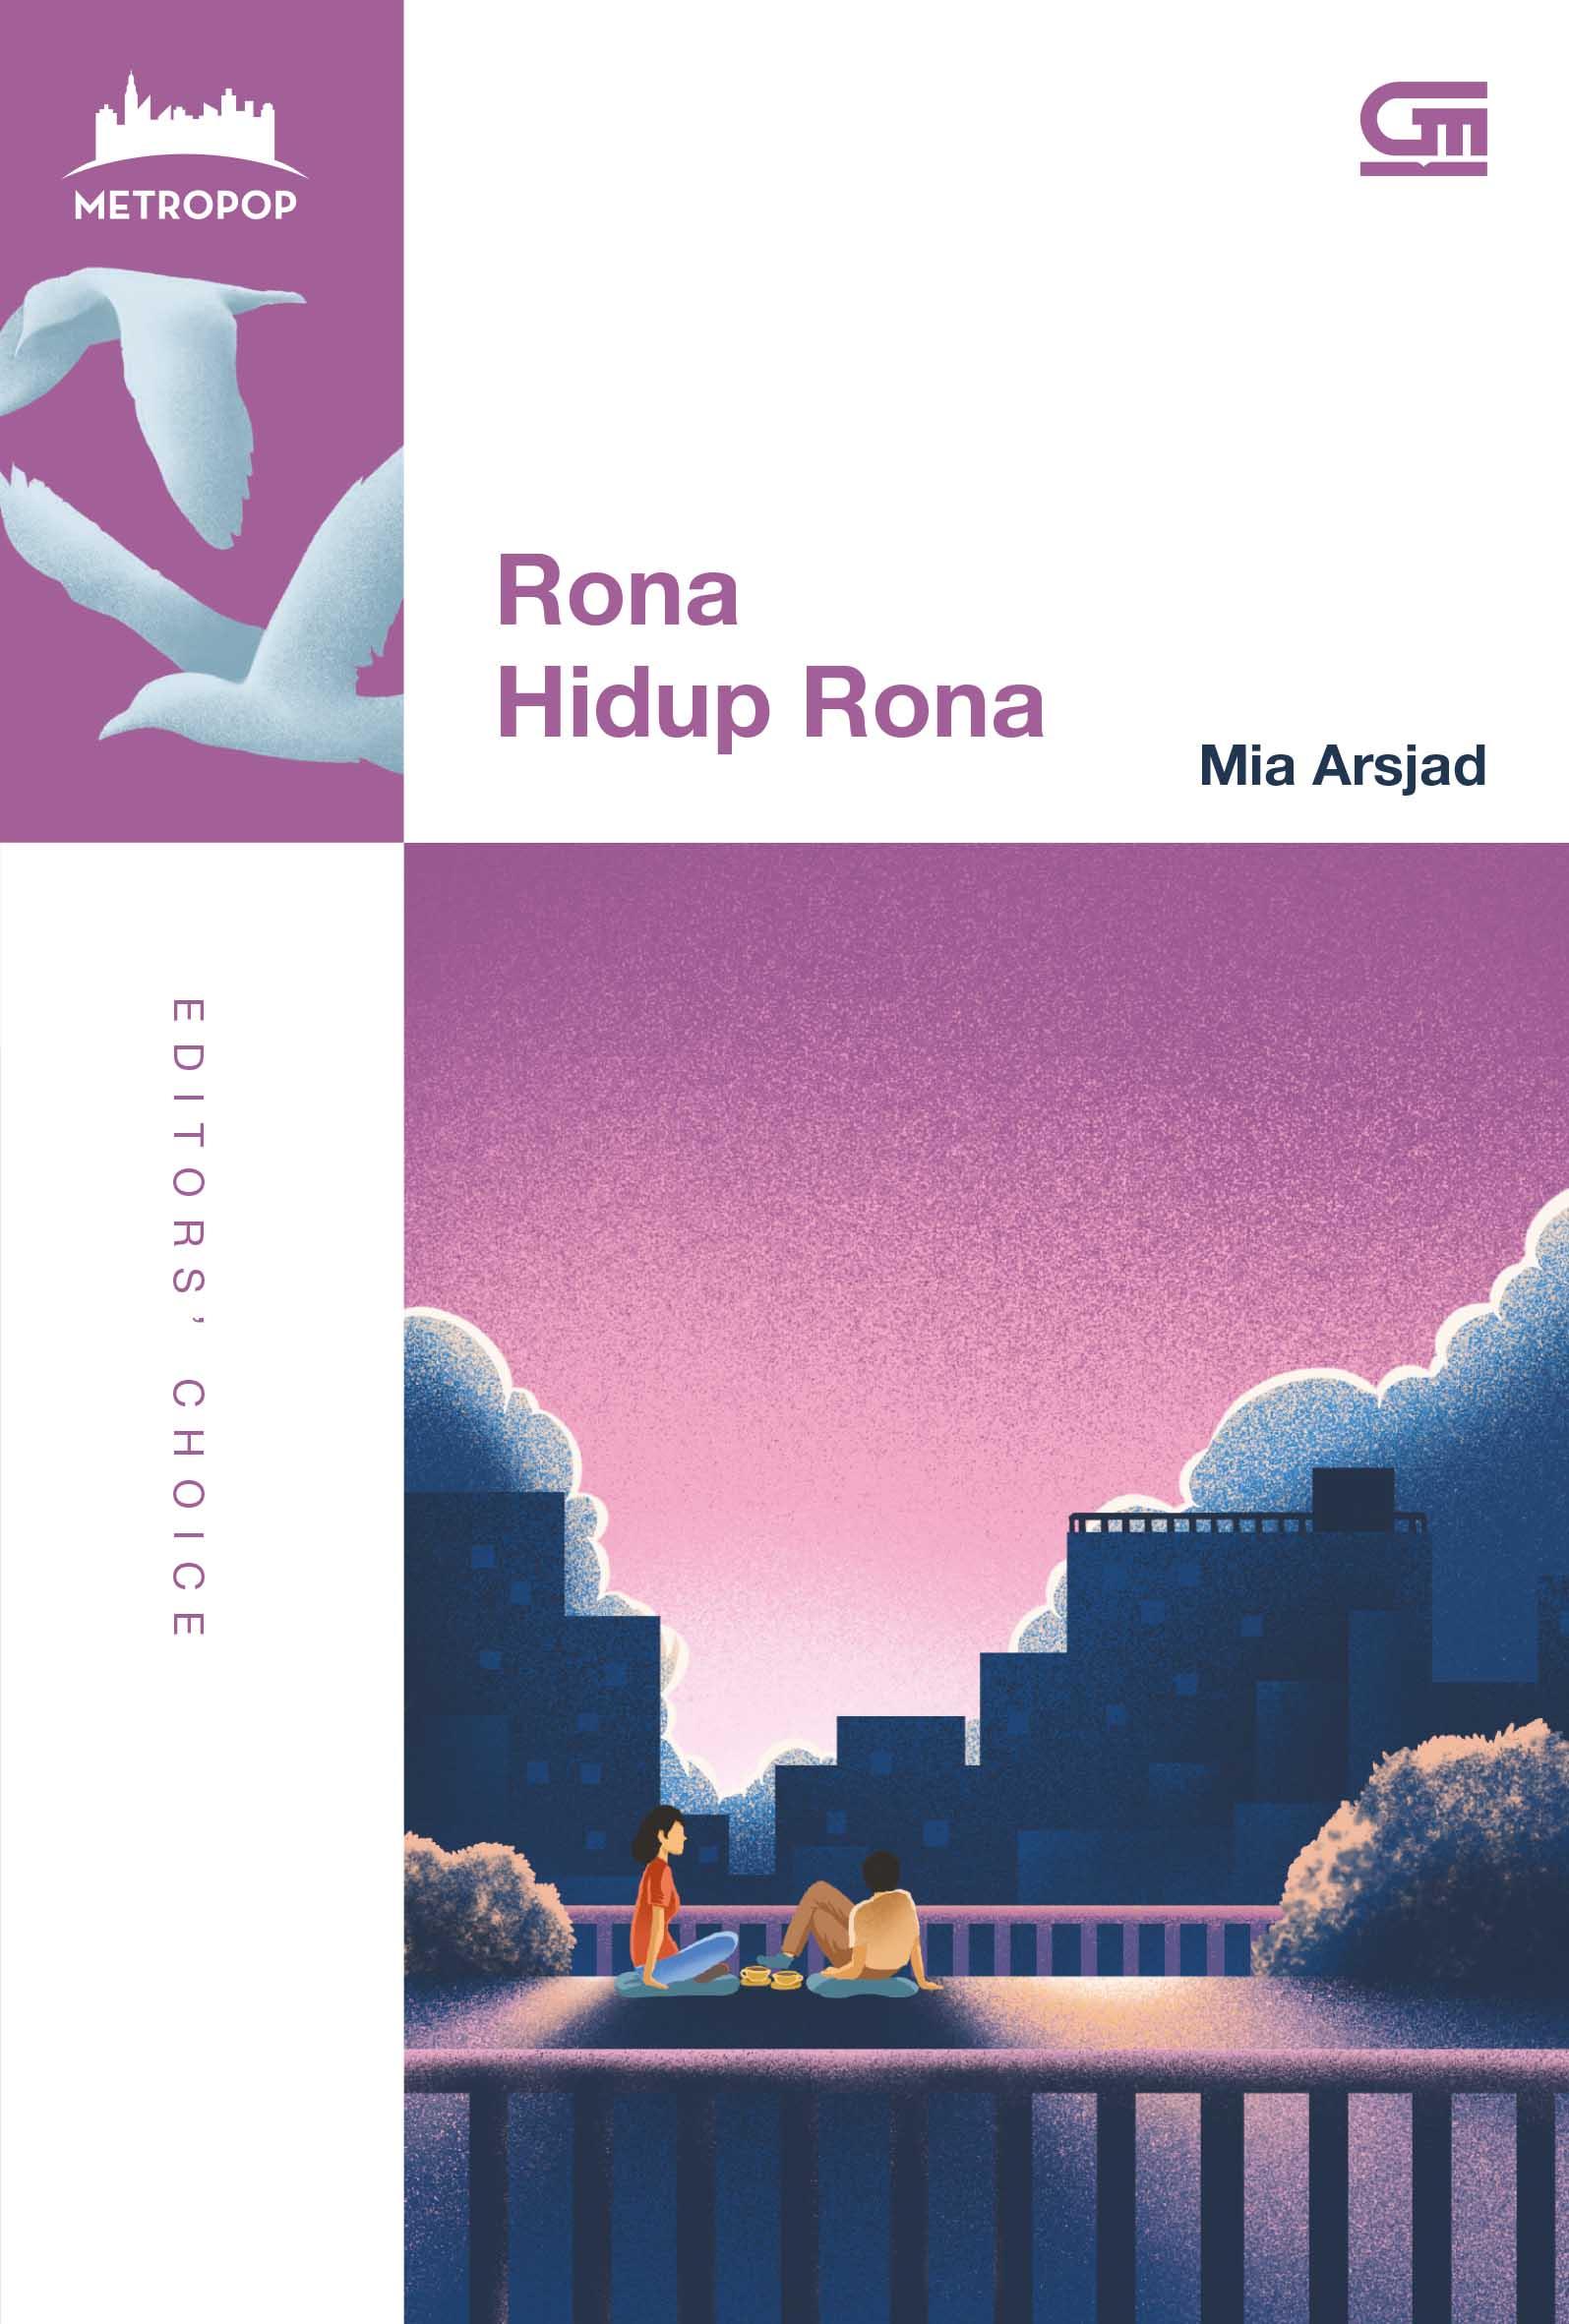 Rona Hidup Rona